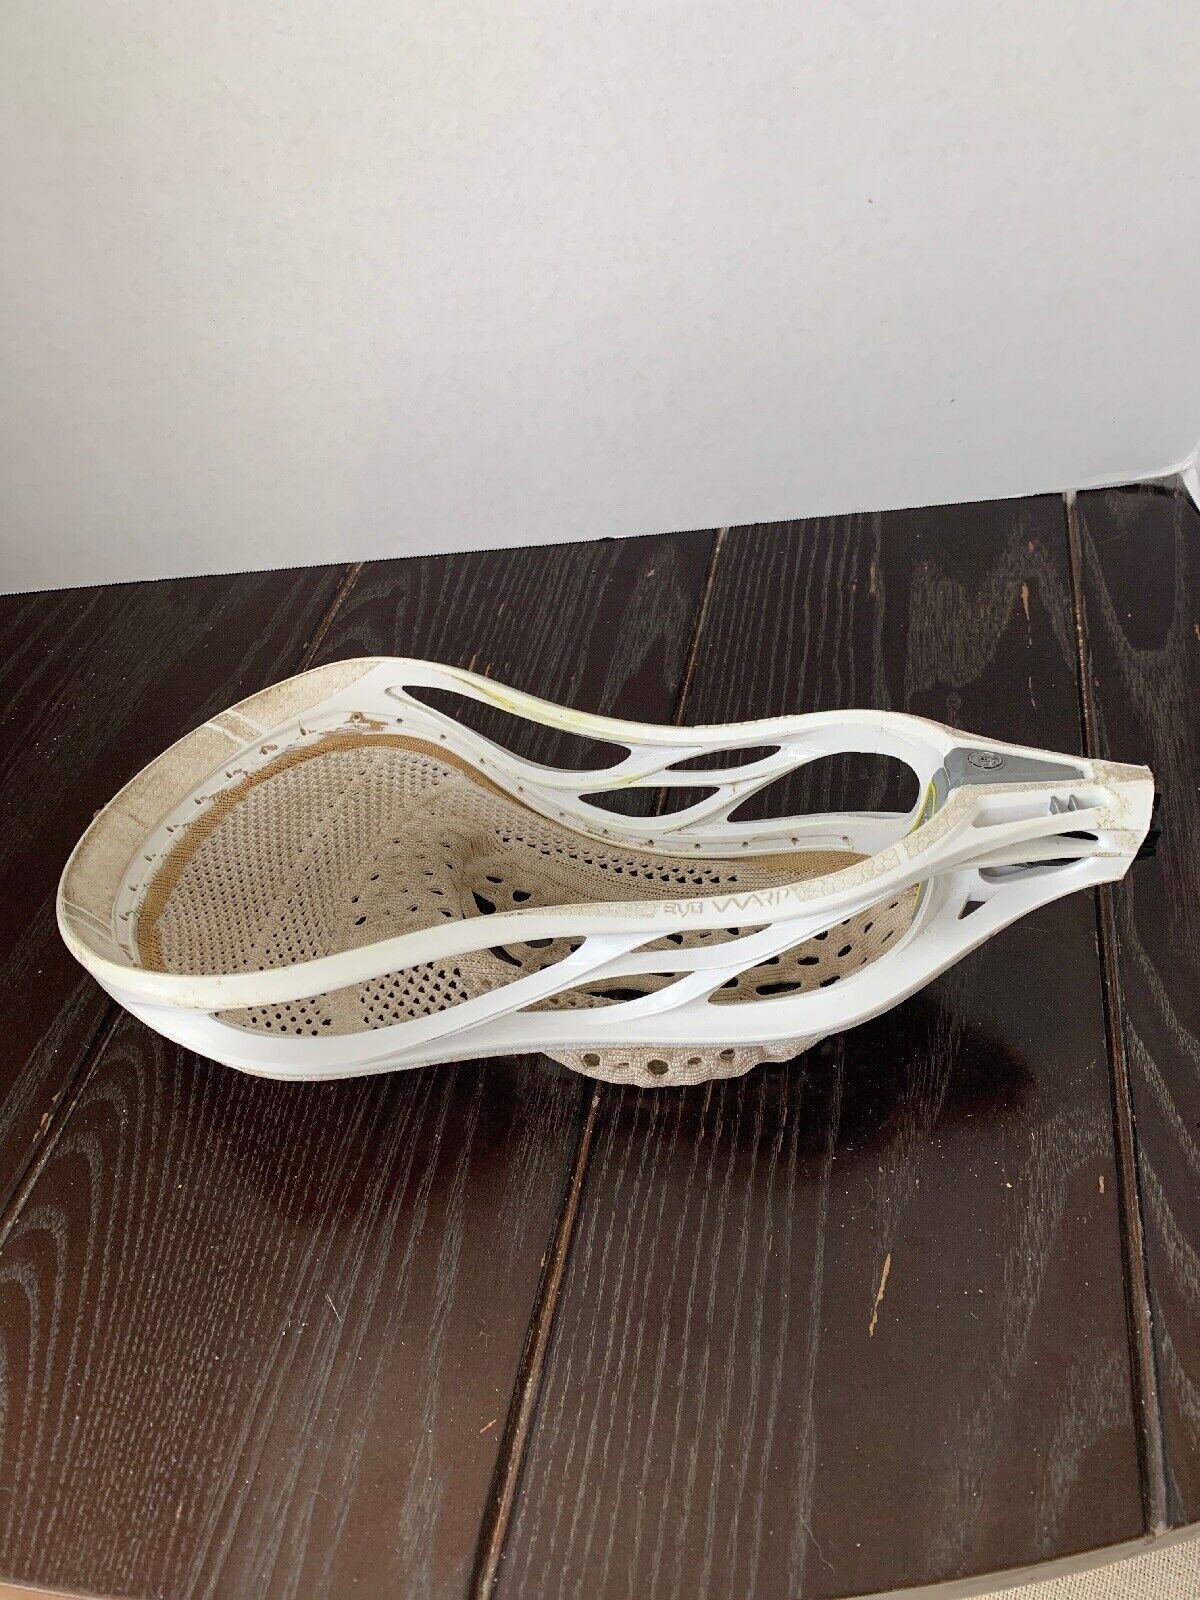 Warrior Evo Warp Lacrosse Head Only